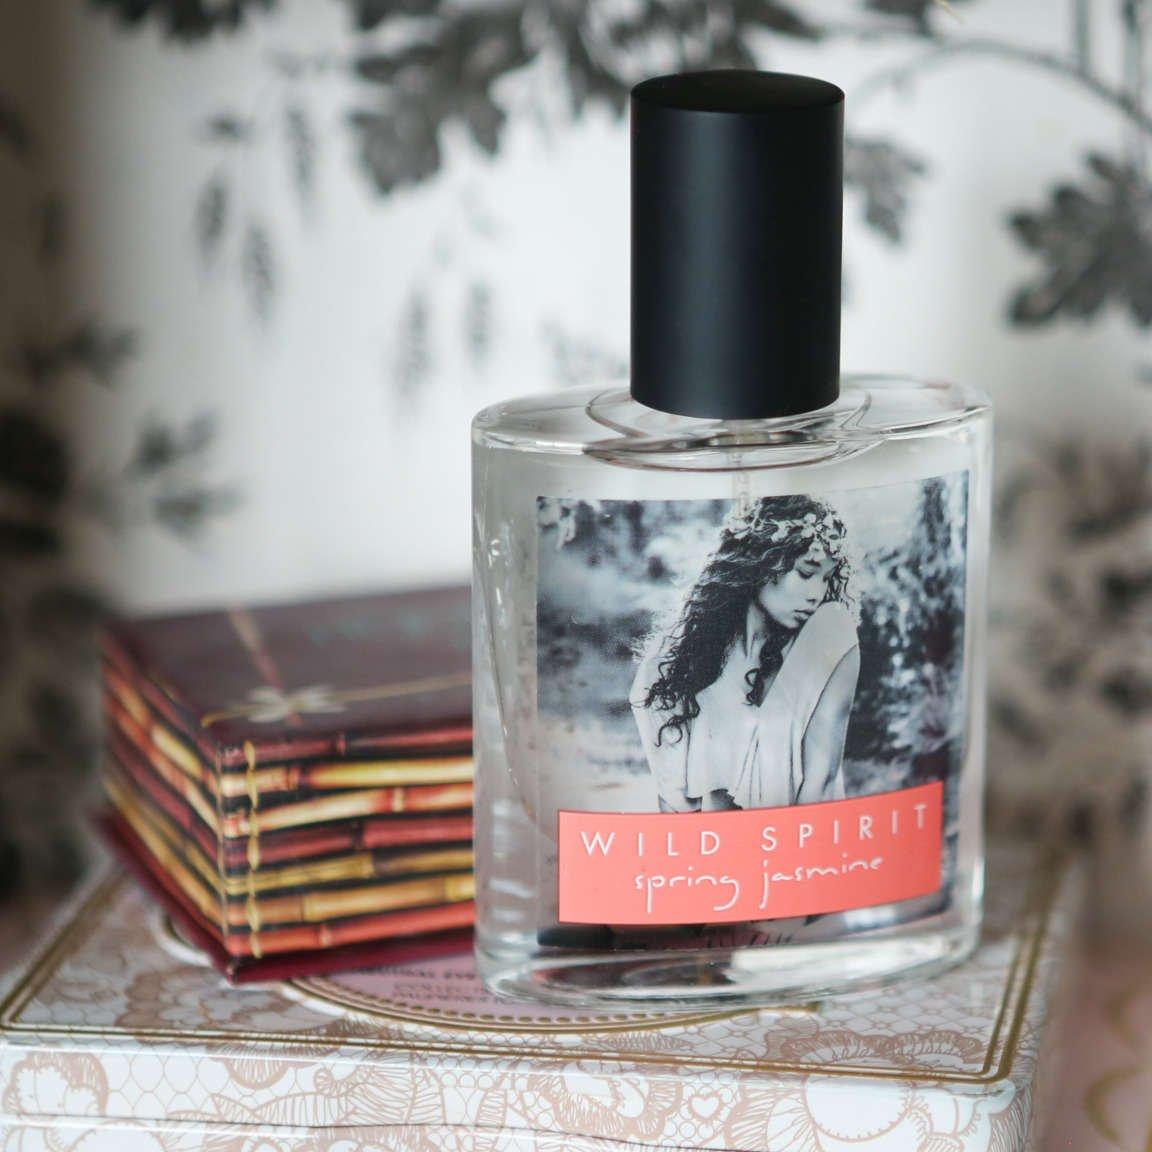 Spring Jasmine 30mL Eau de Parfum Spray